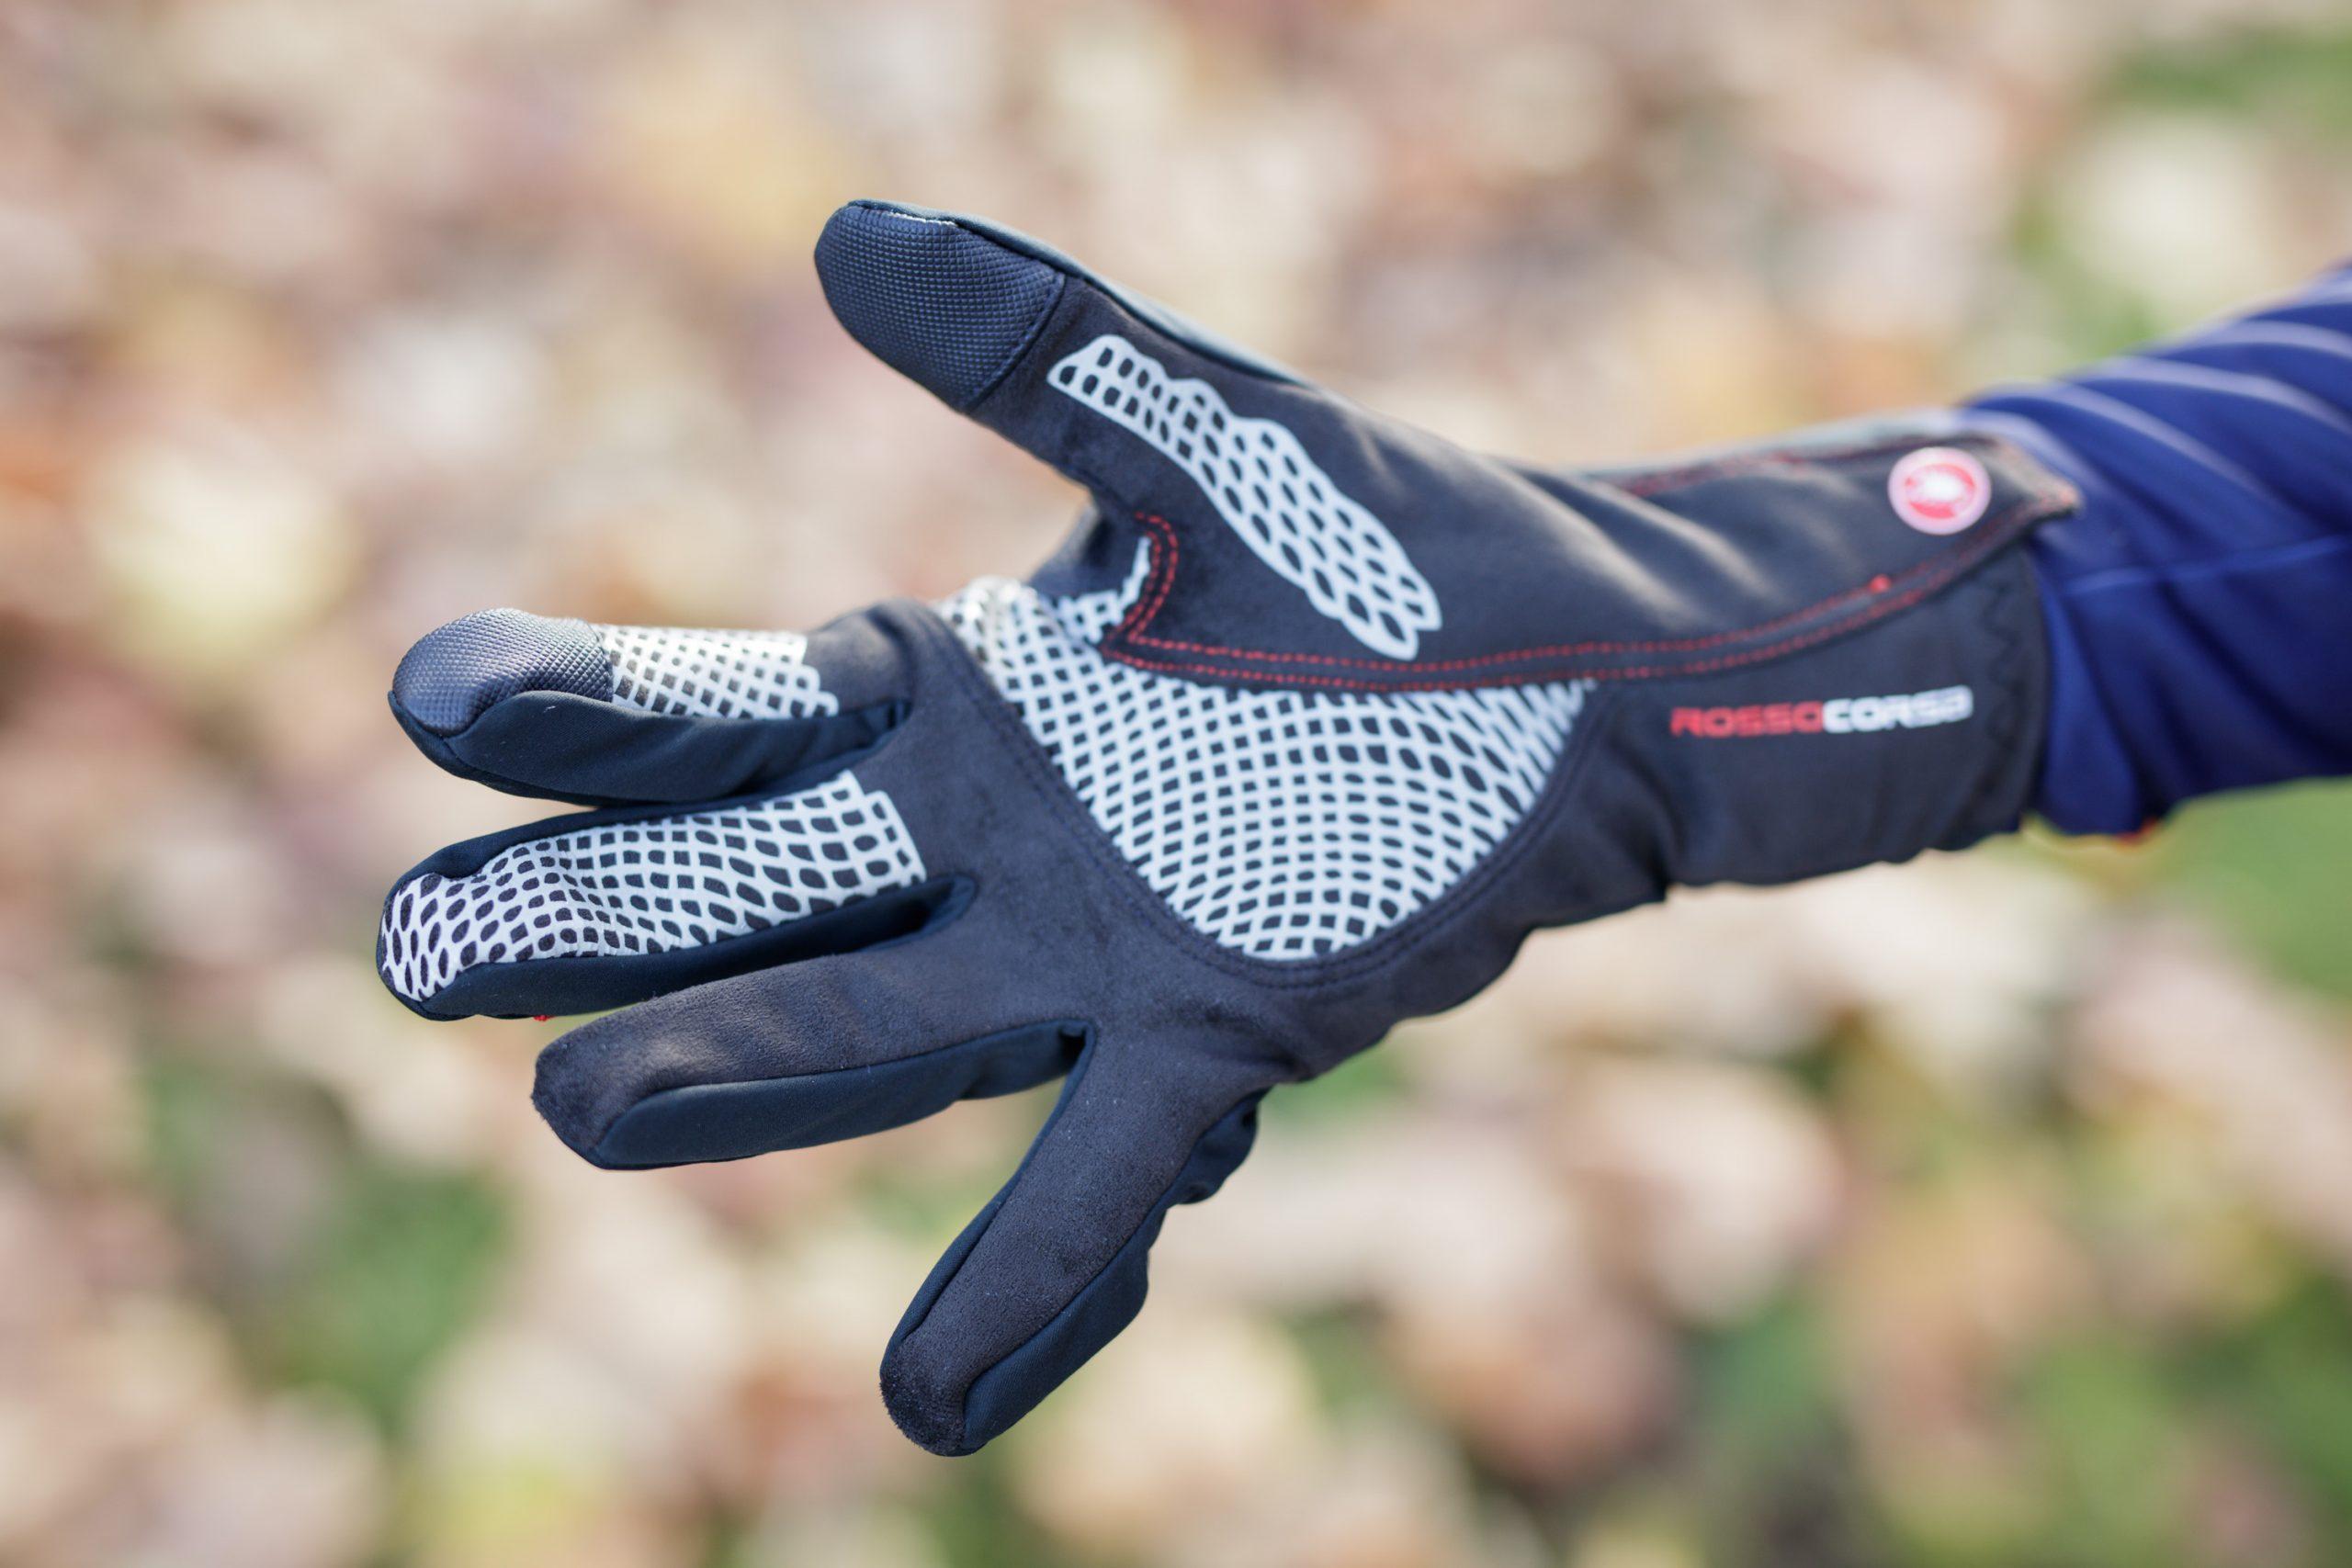 New Castelli CX Long Finger Men/'s Gloves for Road Mountain Bike Various Sizes